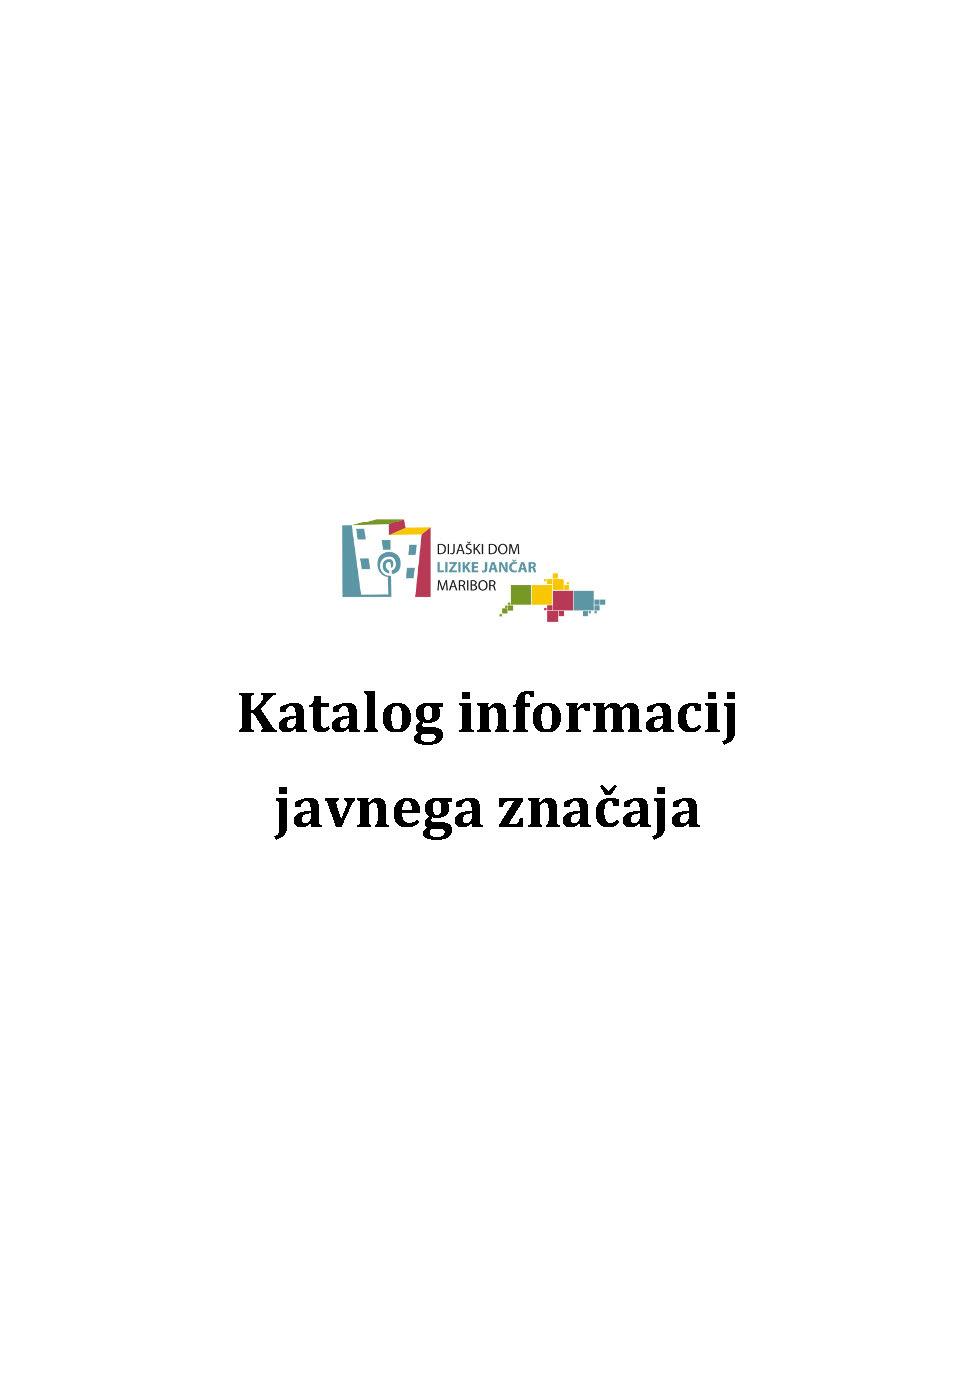 Katalog informacij javnega značaja